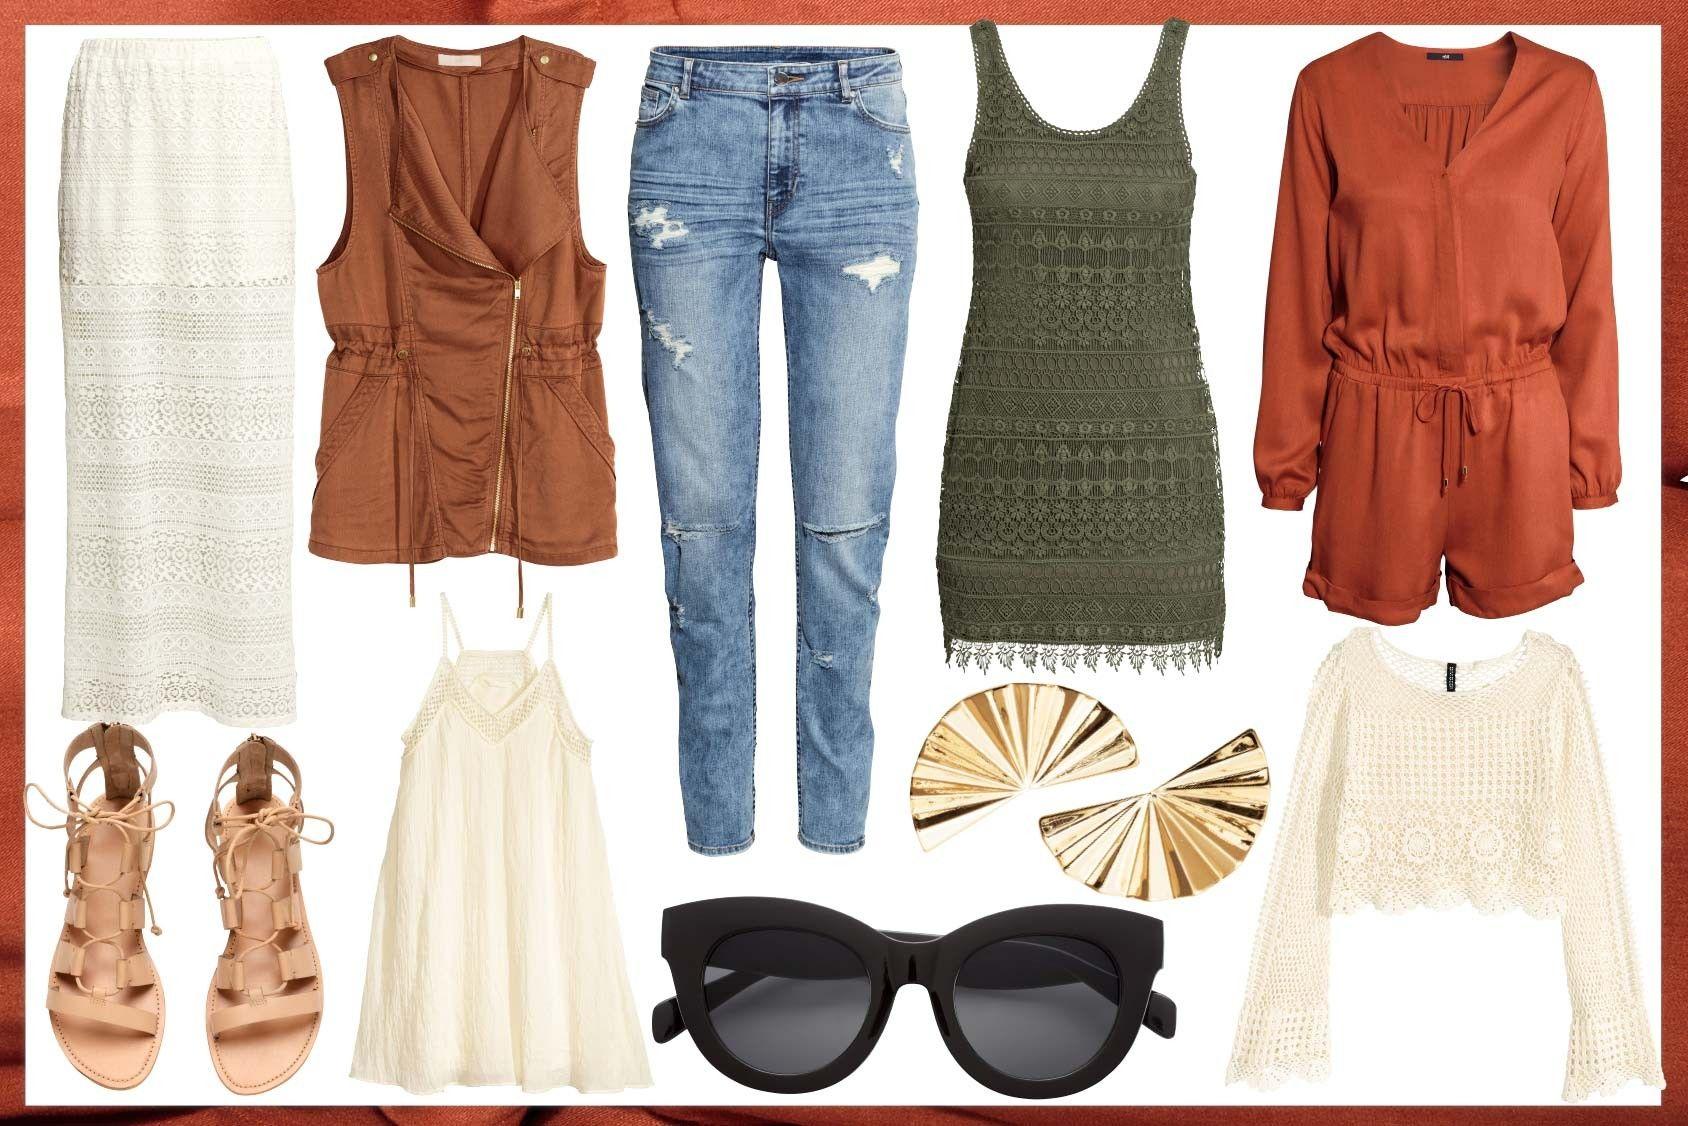 H&M Life | Editor's Picks |Tämän viikon parhaat muotiuutuudet. Set, outfit, clothes, style, fashion